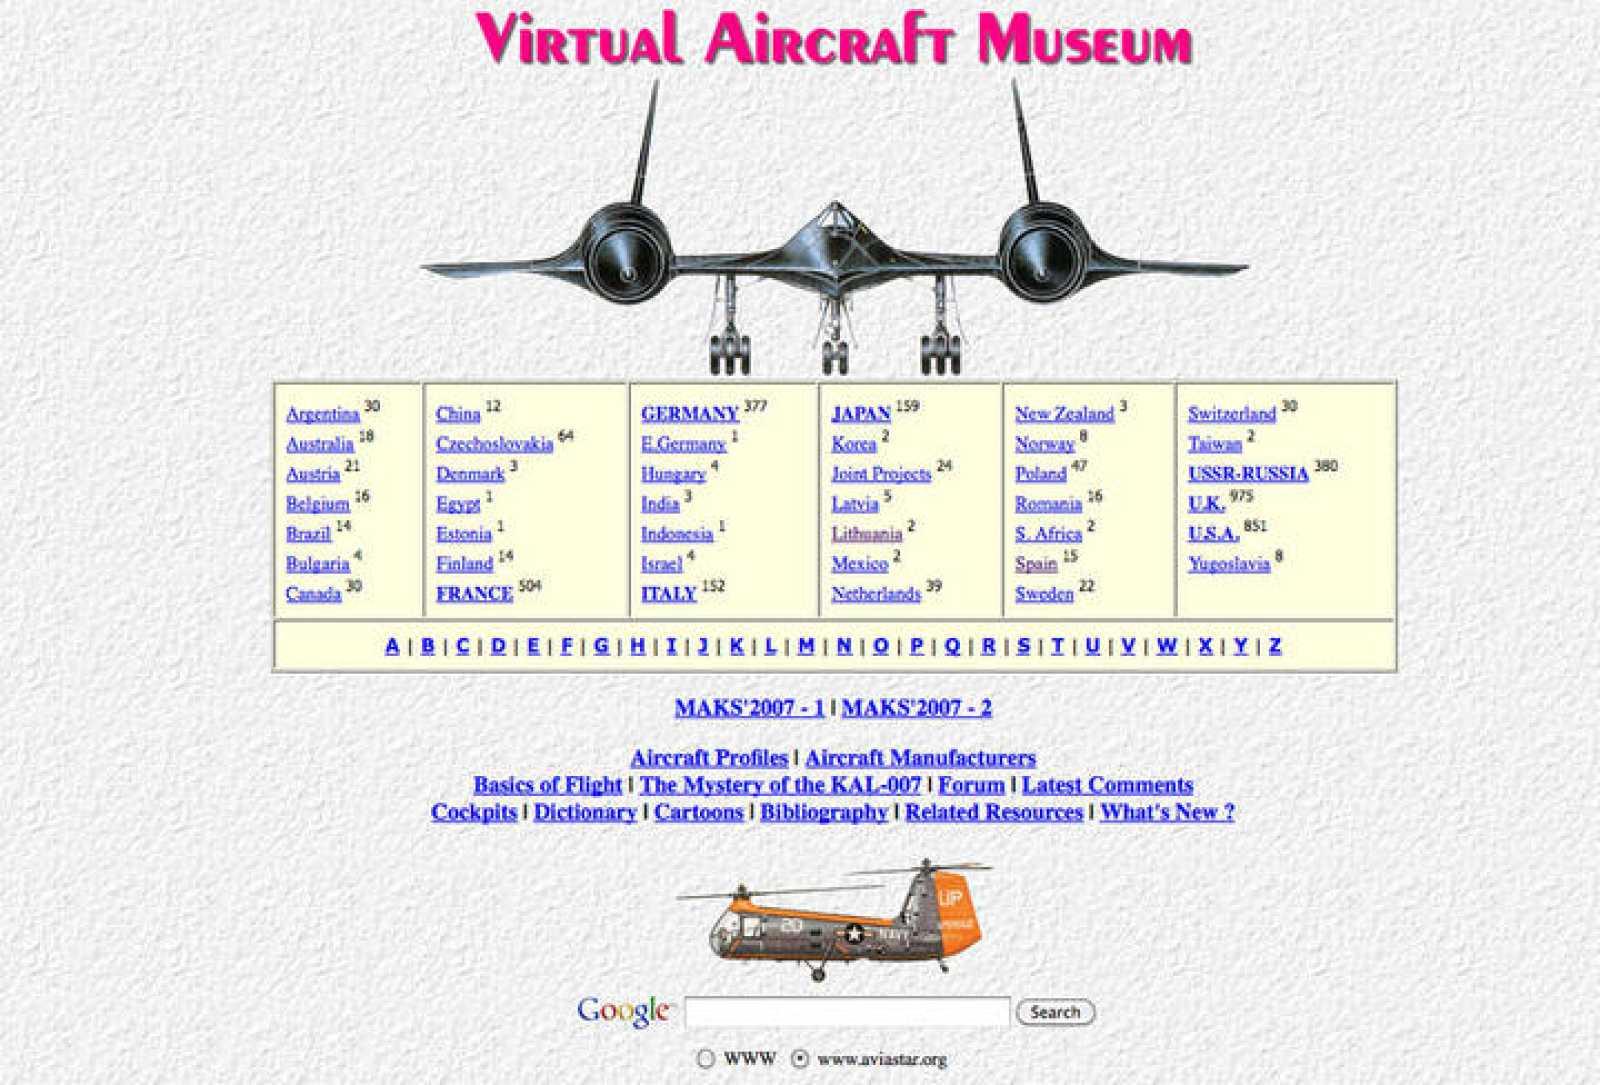 Las primigenias páginas web que poblaron la WWW en sus inicios son vistos como diseños vintage.